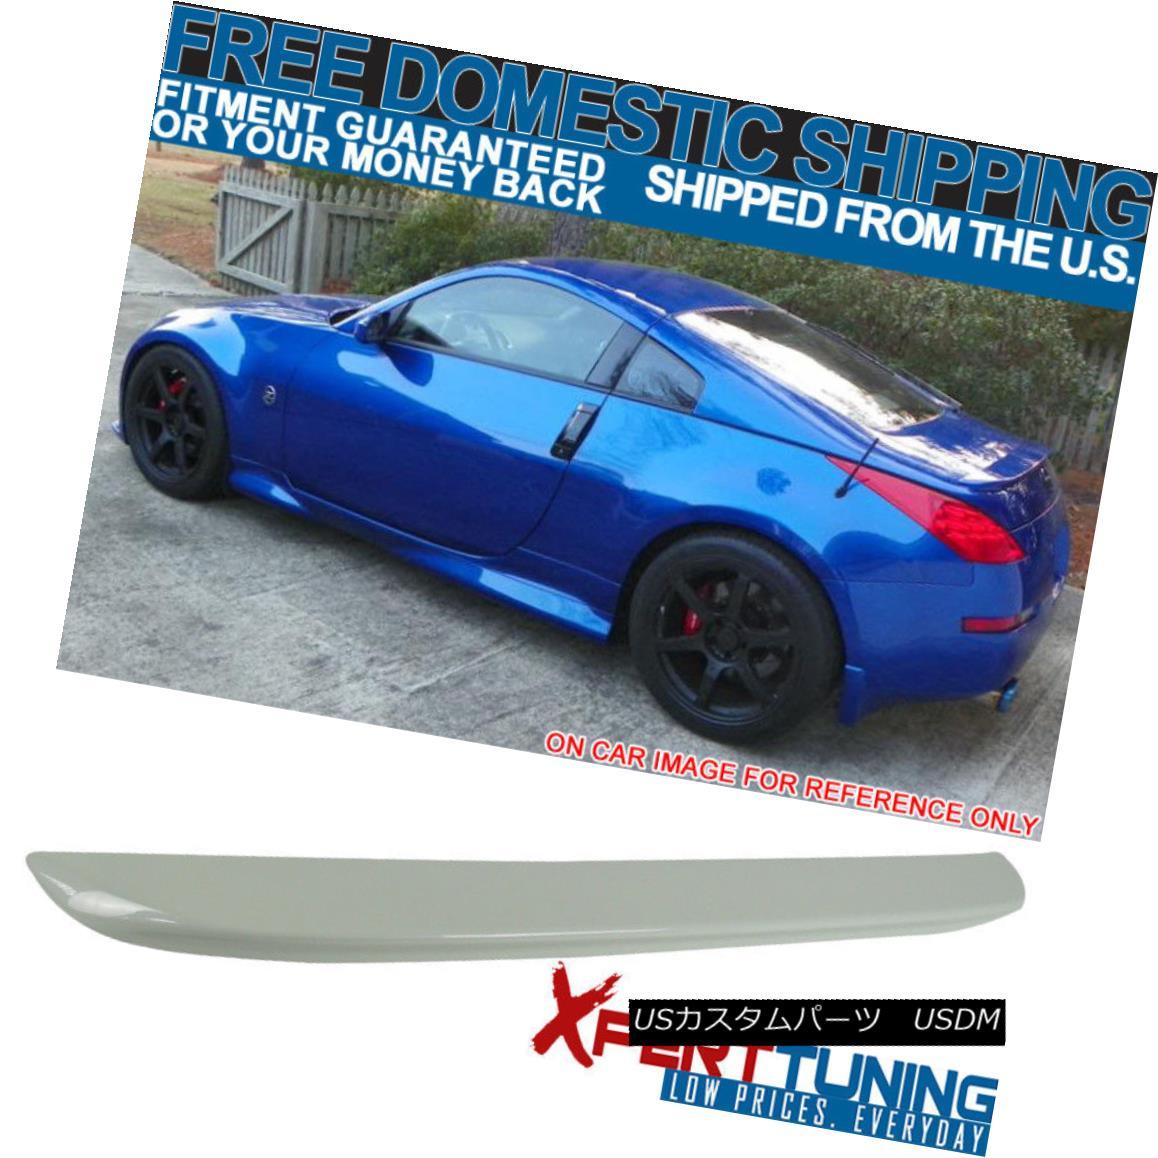 エアロパーツ Fits 03-08 Nissan 350Z Z33 OE Style ABS Trunk Spoiler Painted #QX1 Glacier Pearl フィット03-08日産350Z Z33 OEスタイルABSトランクスポイラー塗装#QX1氷河パール